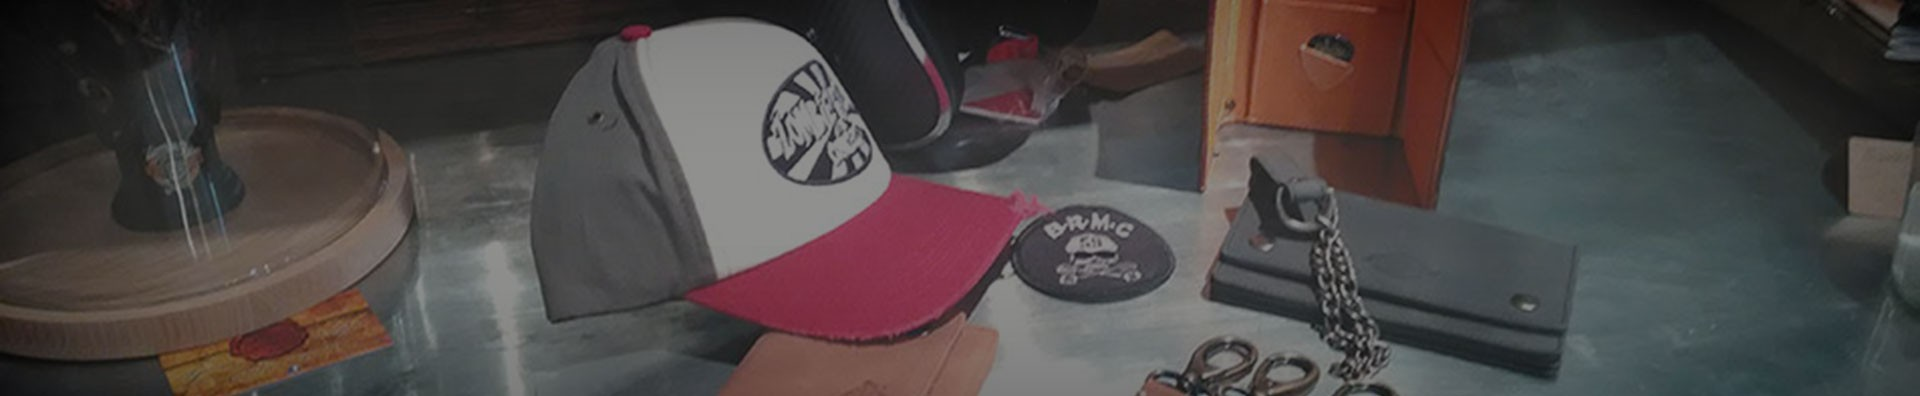 Accessoires pour Motard - casques,foulard,sac,ceinture - ZOMBIE BIKES CONCEPT®